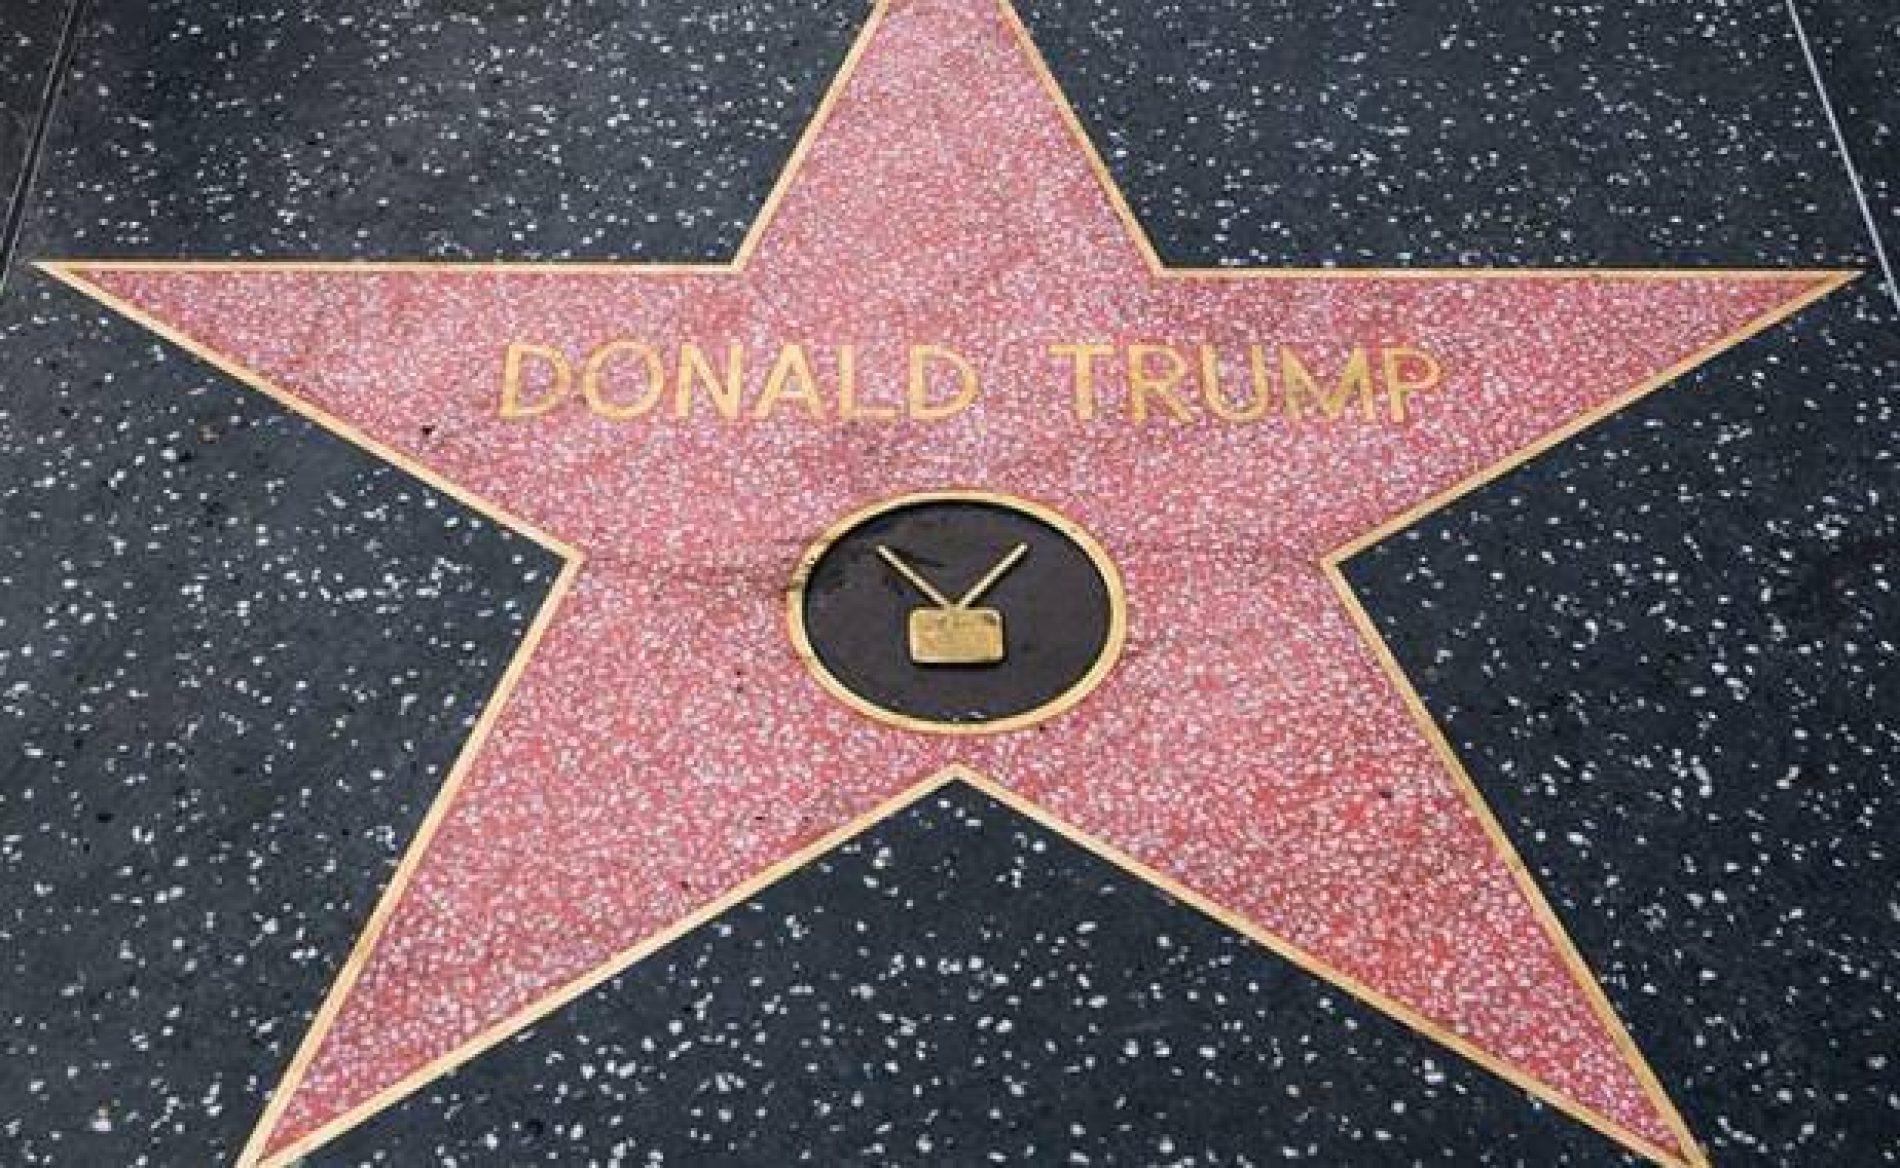 Estrela da Fama de Trump é alvo de vandalismo